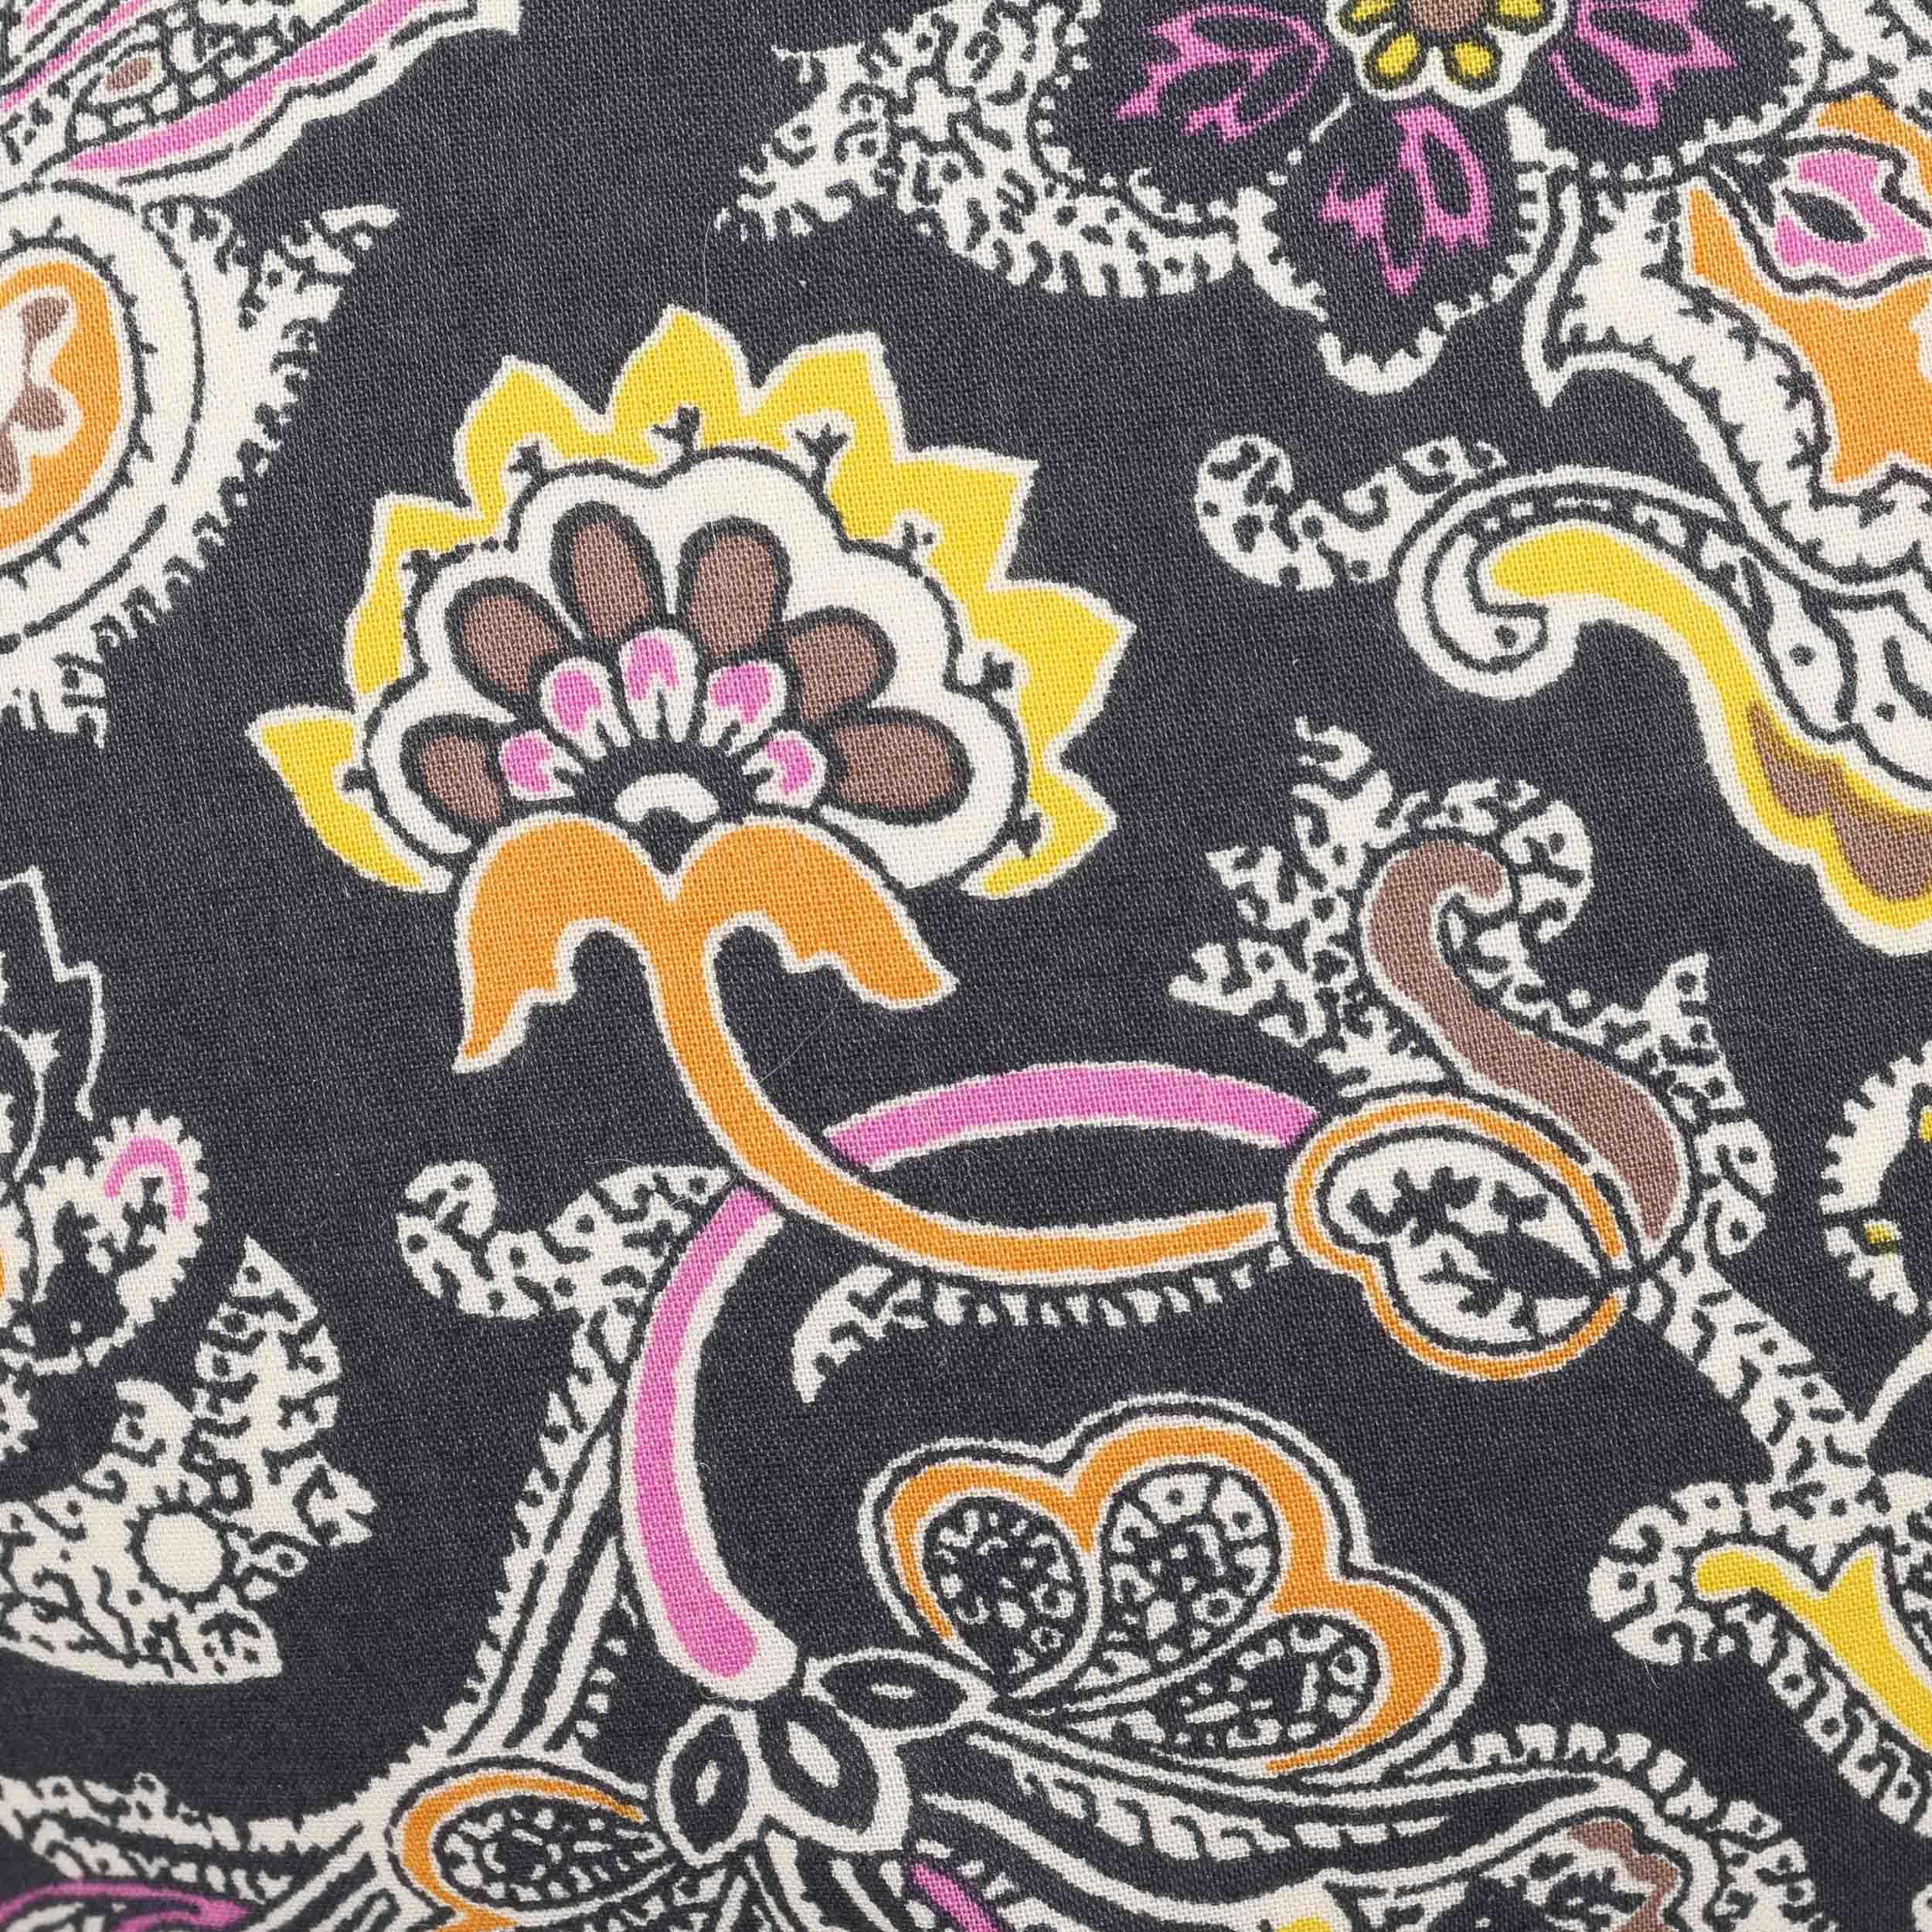 ... 3 · Cappello Cloche Cotton Patchwork by GREVI - blu 4 ... b932322fa9db